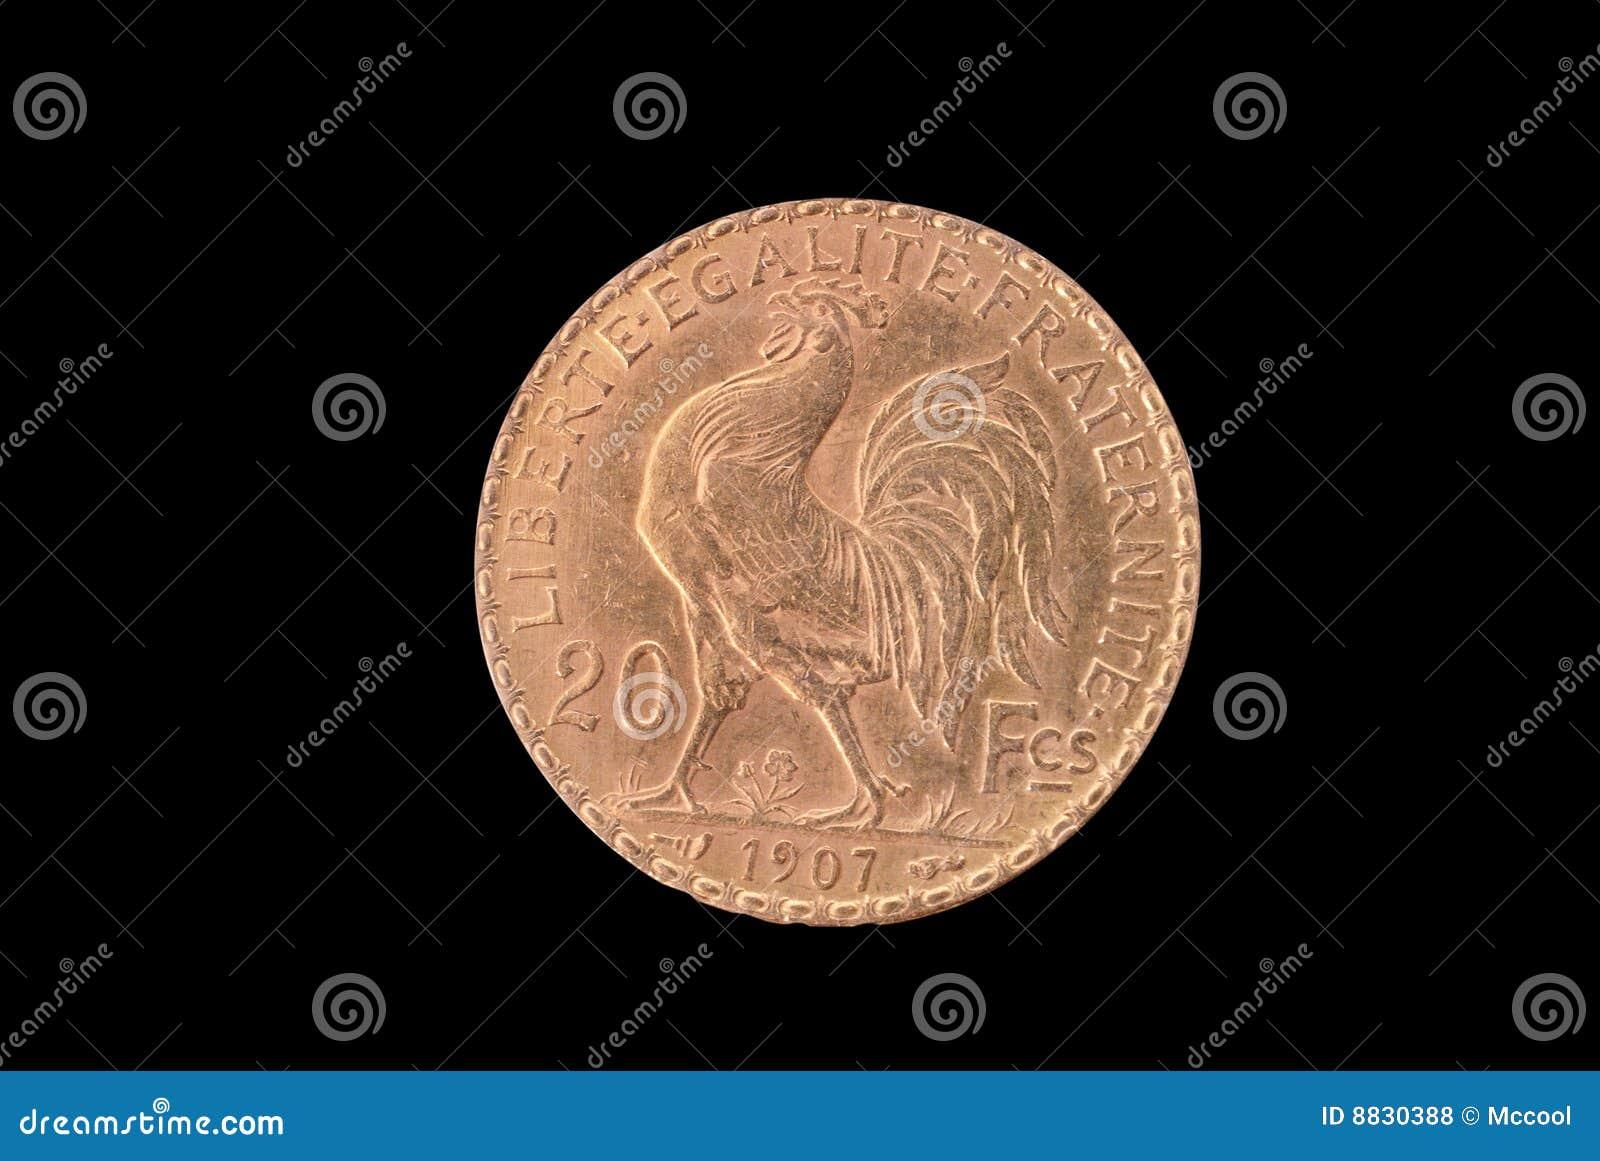 Moneda de oro antigua francesa. 20 francos. 1907. Revés